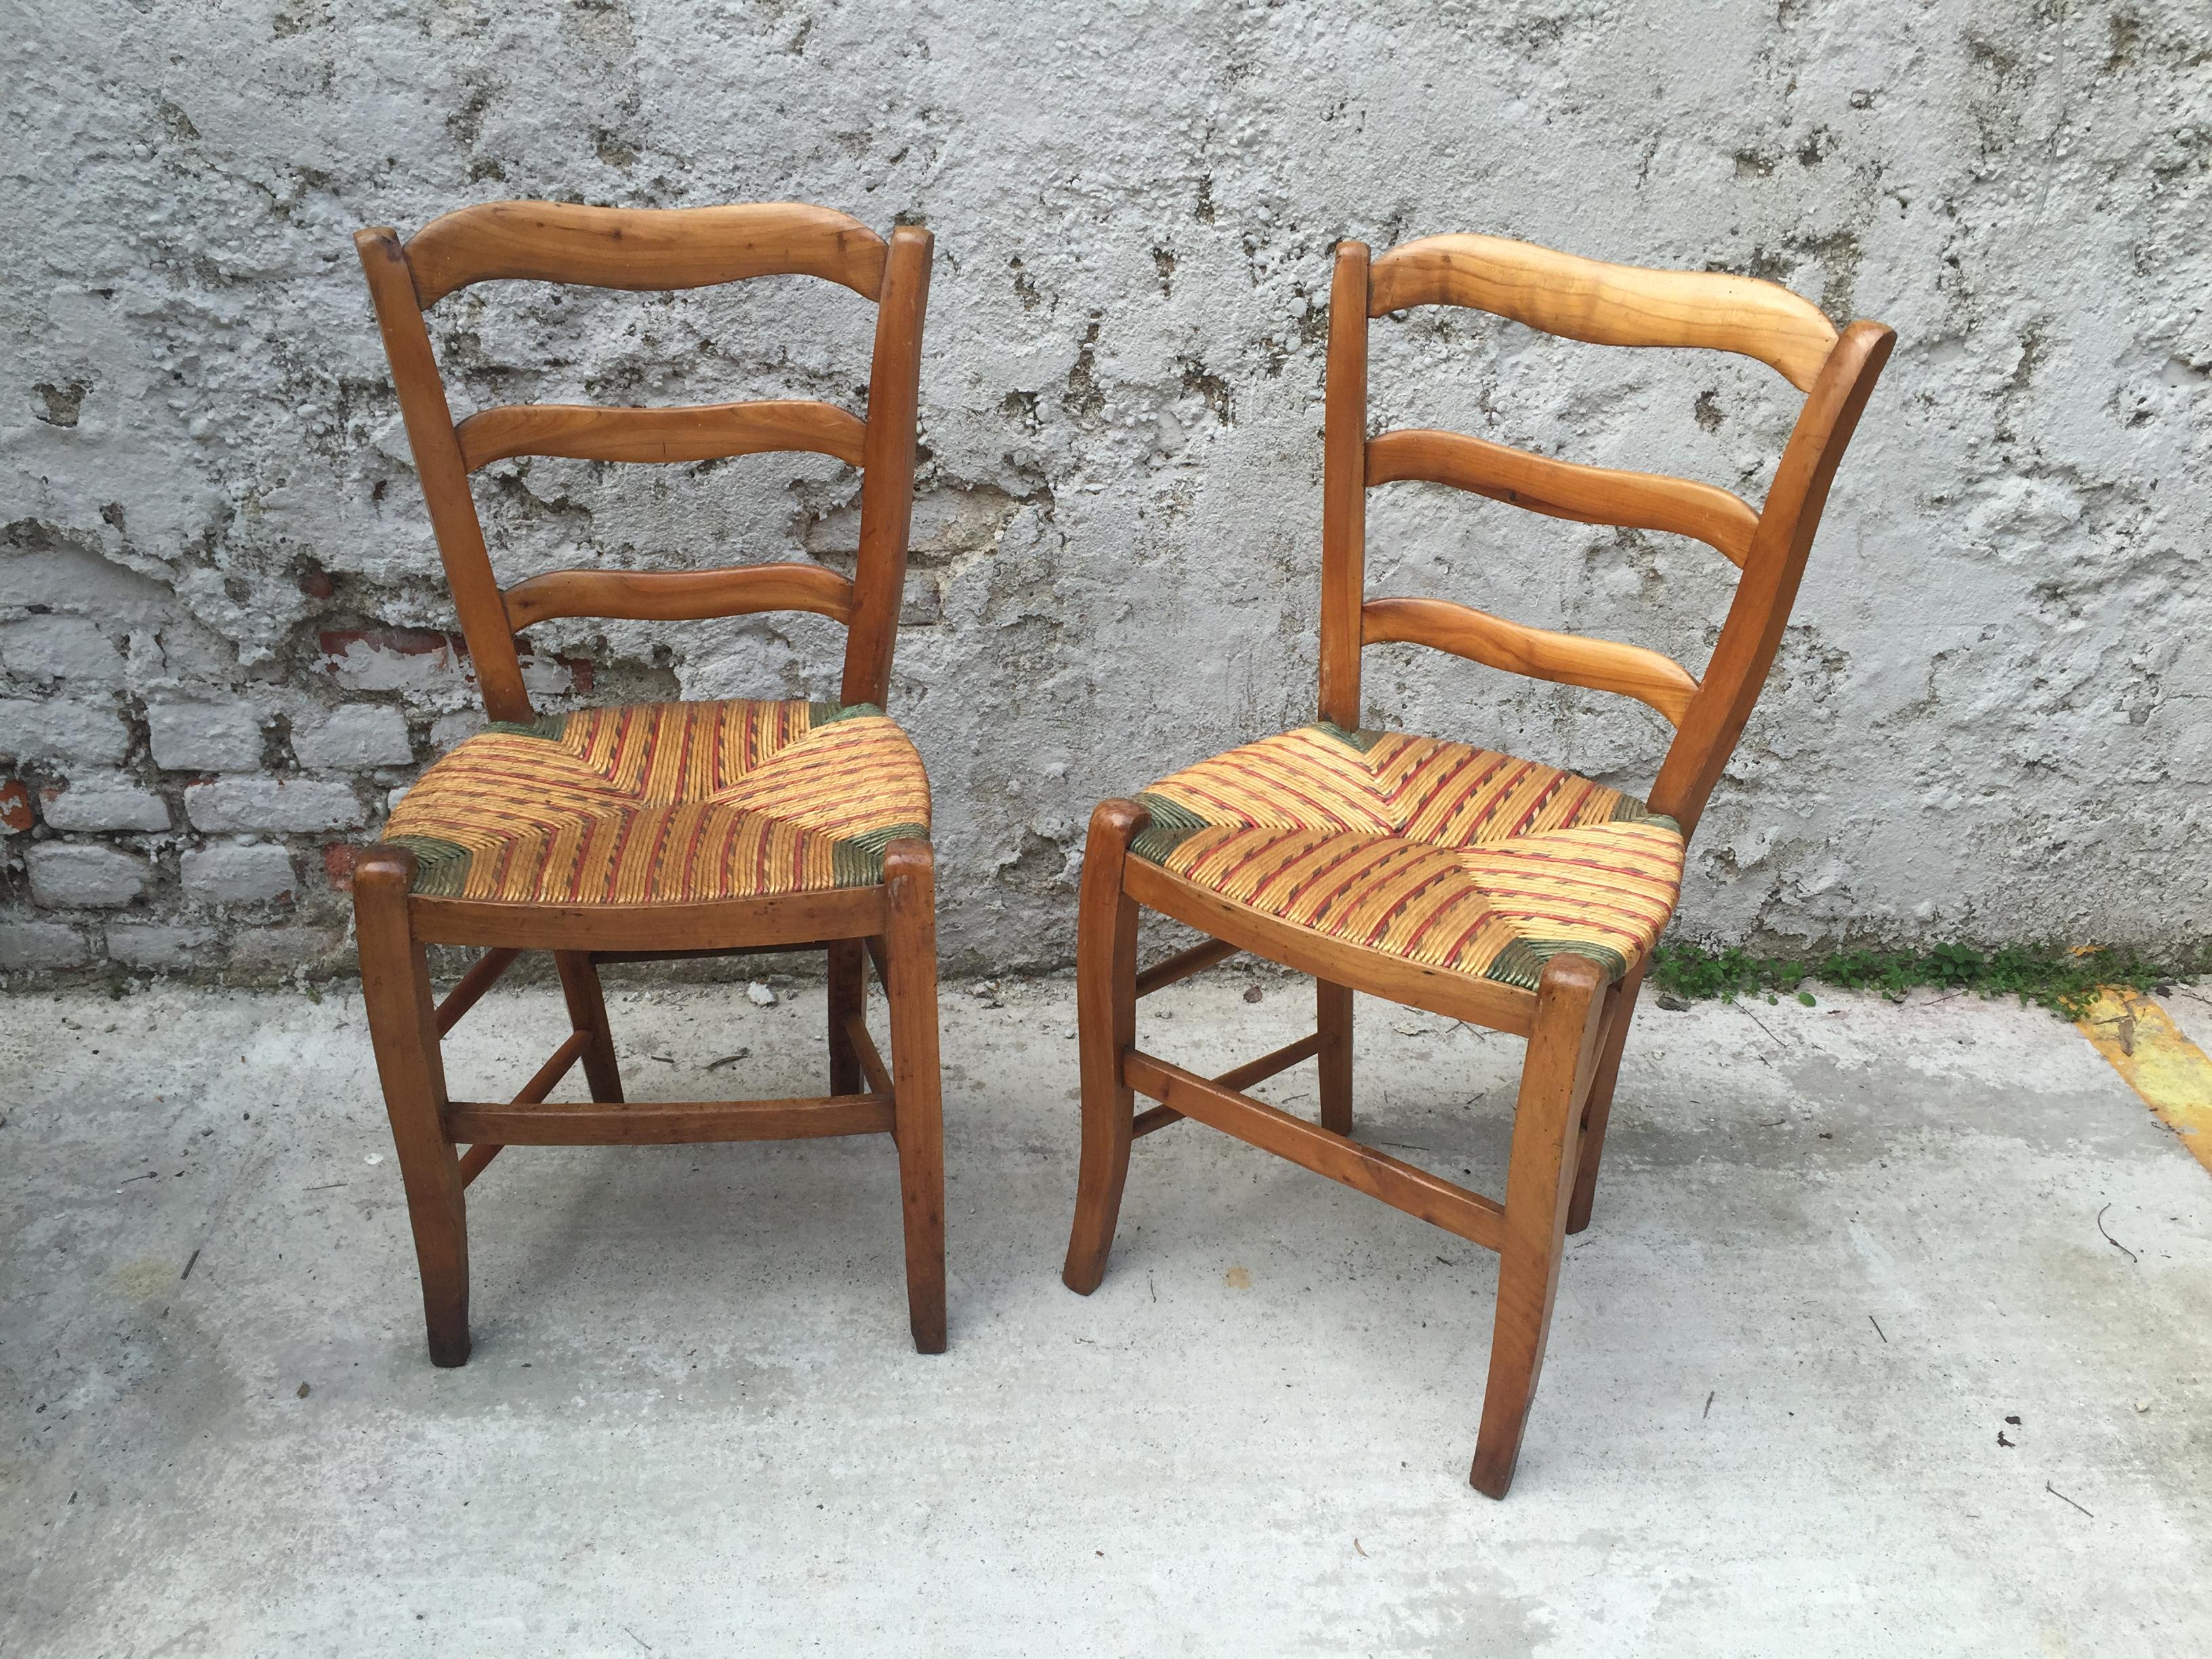 Sei sedie con seduta di paglia u foto n s « fa